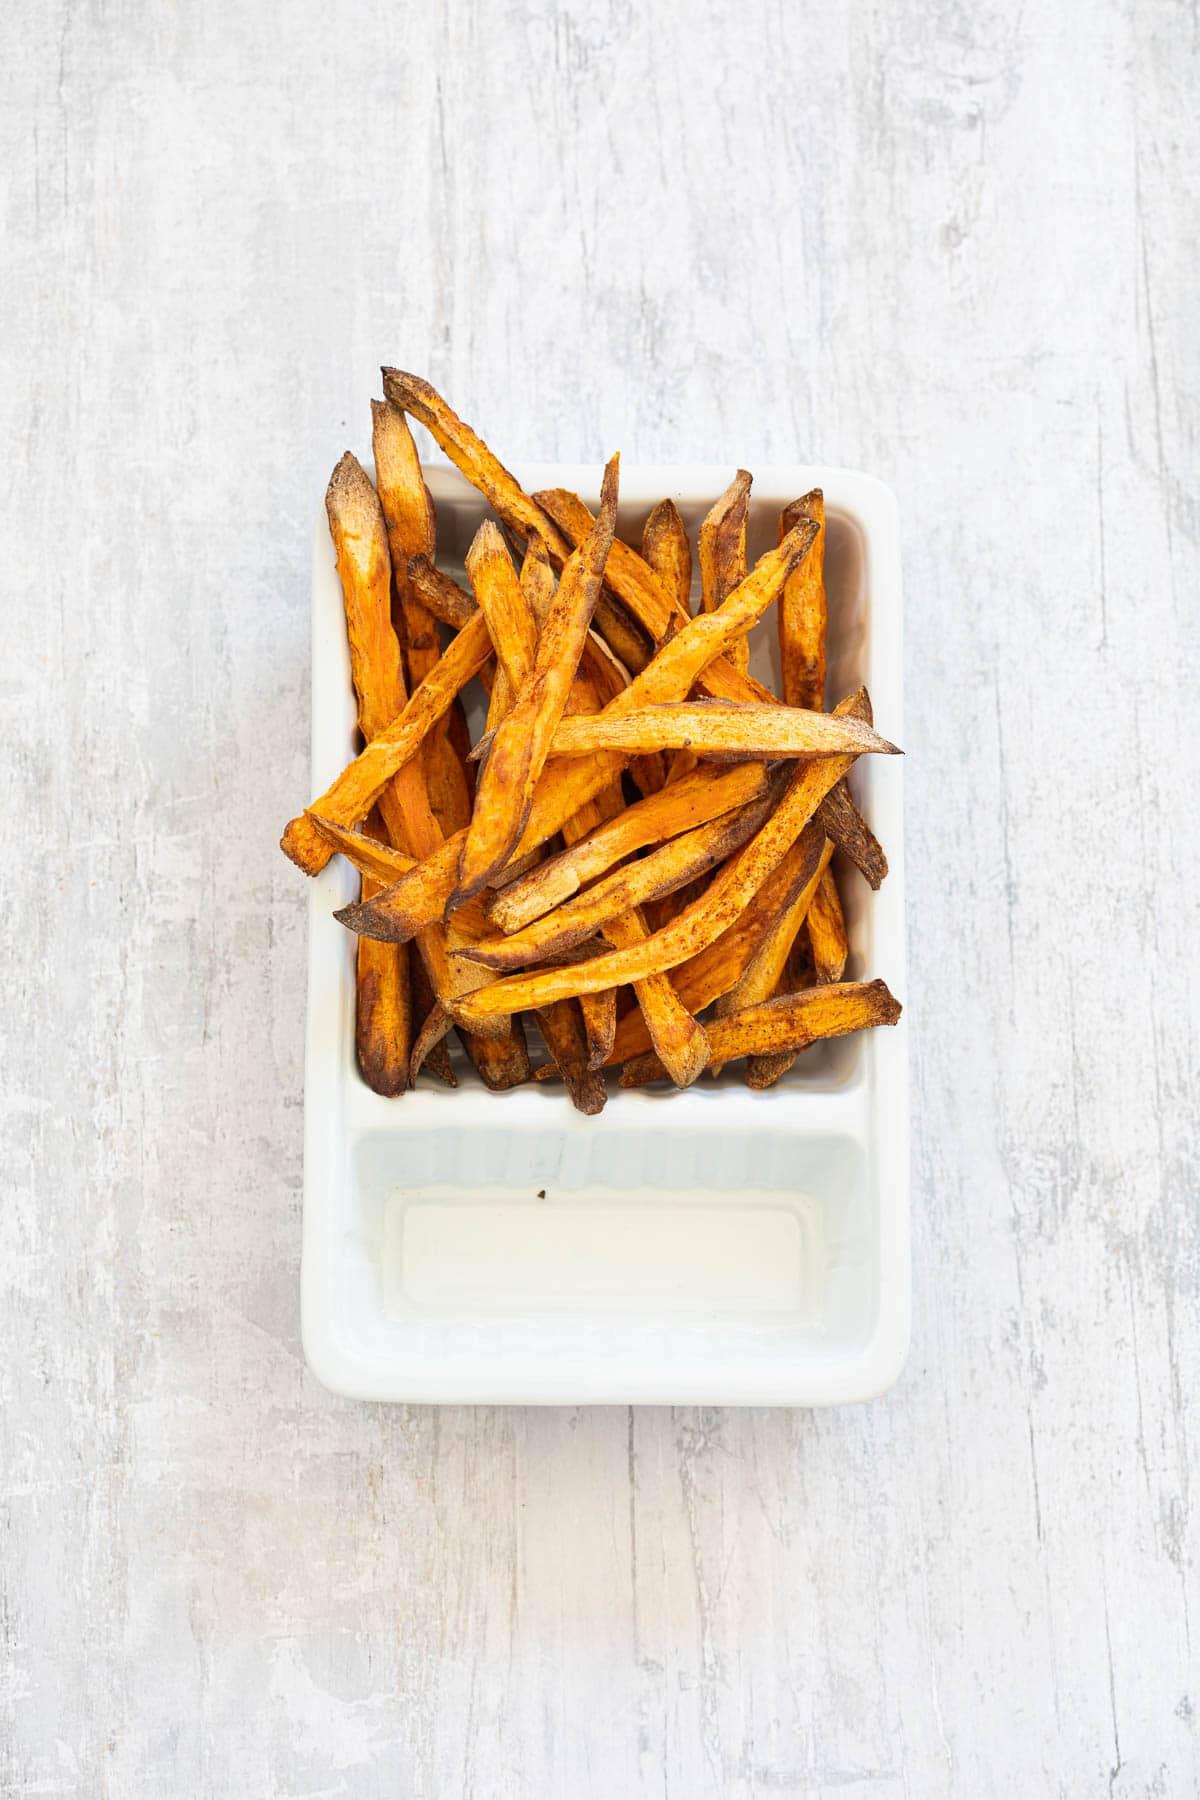 zoete aardappelfriet|Zoete aardappelfrietjes uit de airfryer|Inmiddels zijn ze niet meer weg te denken in de Hollandse keuken: de zoete aardappel. Ik maak er graag zoete aardappel friet van uit de oven: in dit artikel vertel ik je precies mijn tips & tricks hoe je de zoete aardappel frietjes echt lekker krokant krijgt. Lees het op mijn website Miljuschka #miljuschka